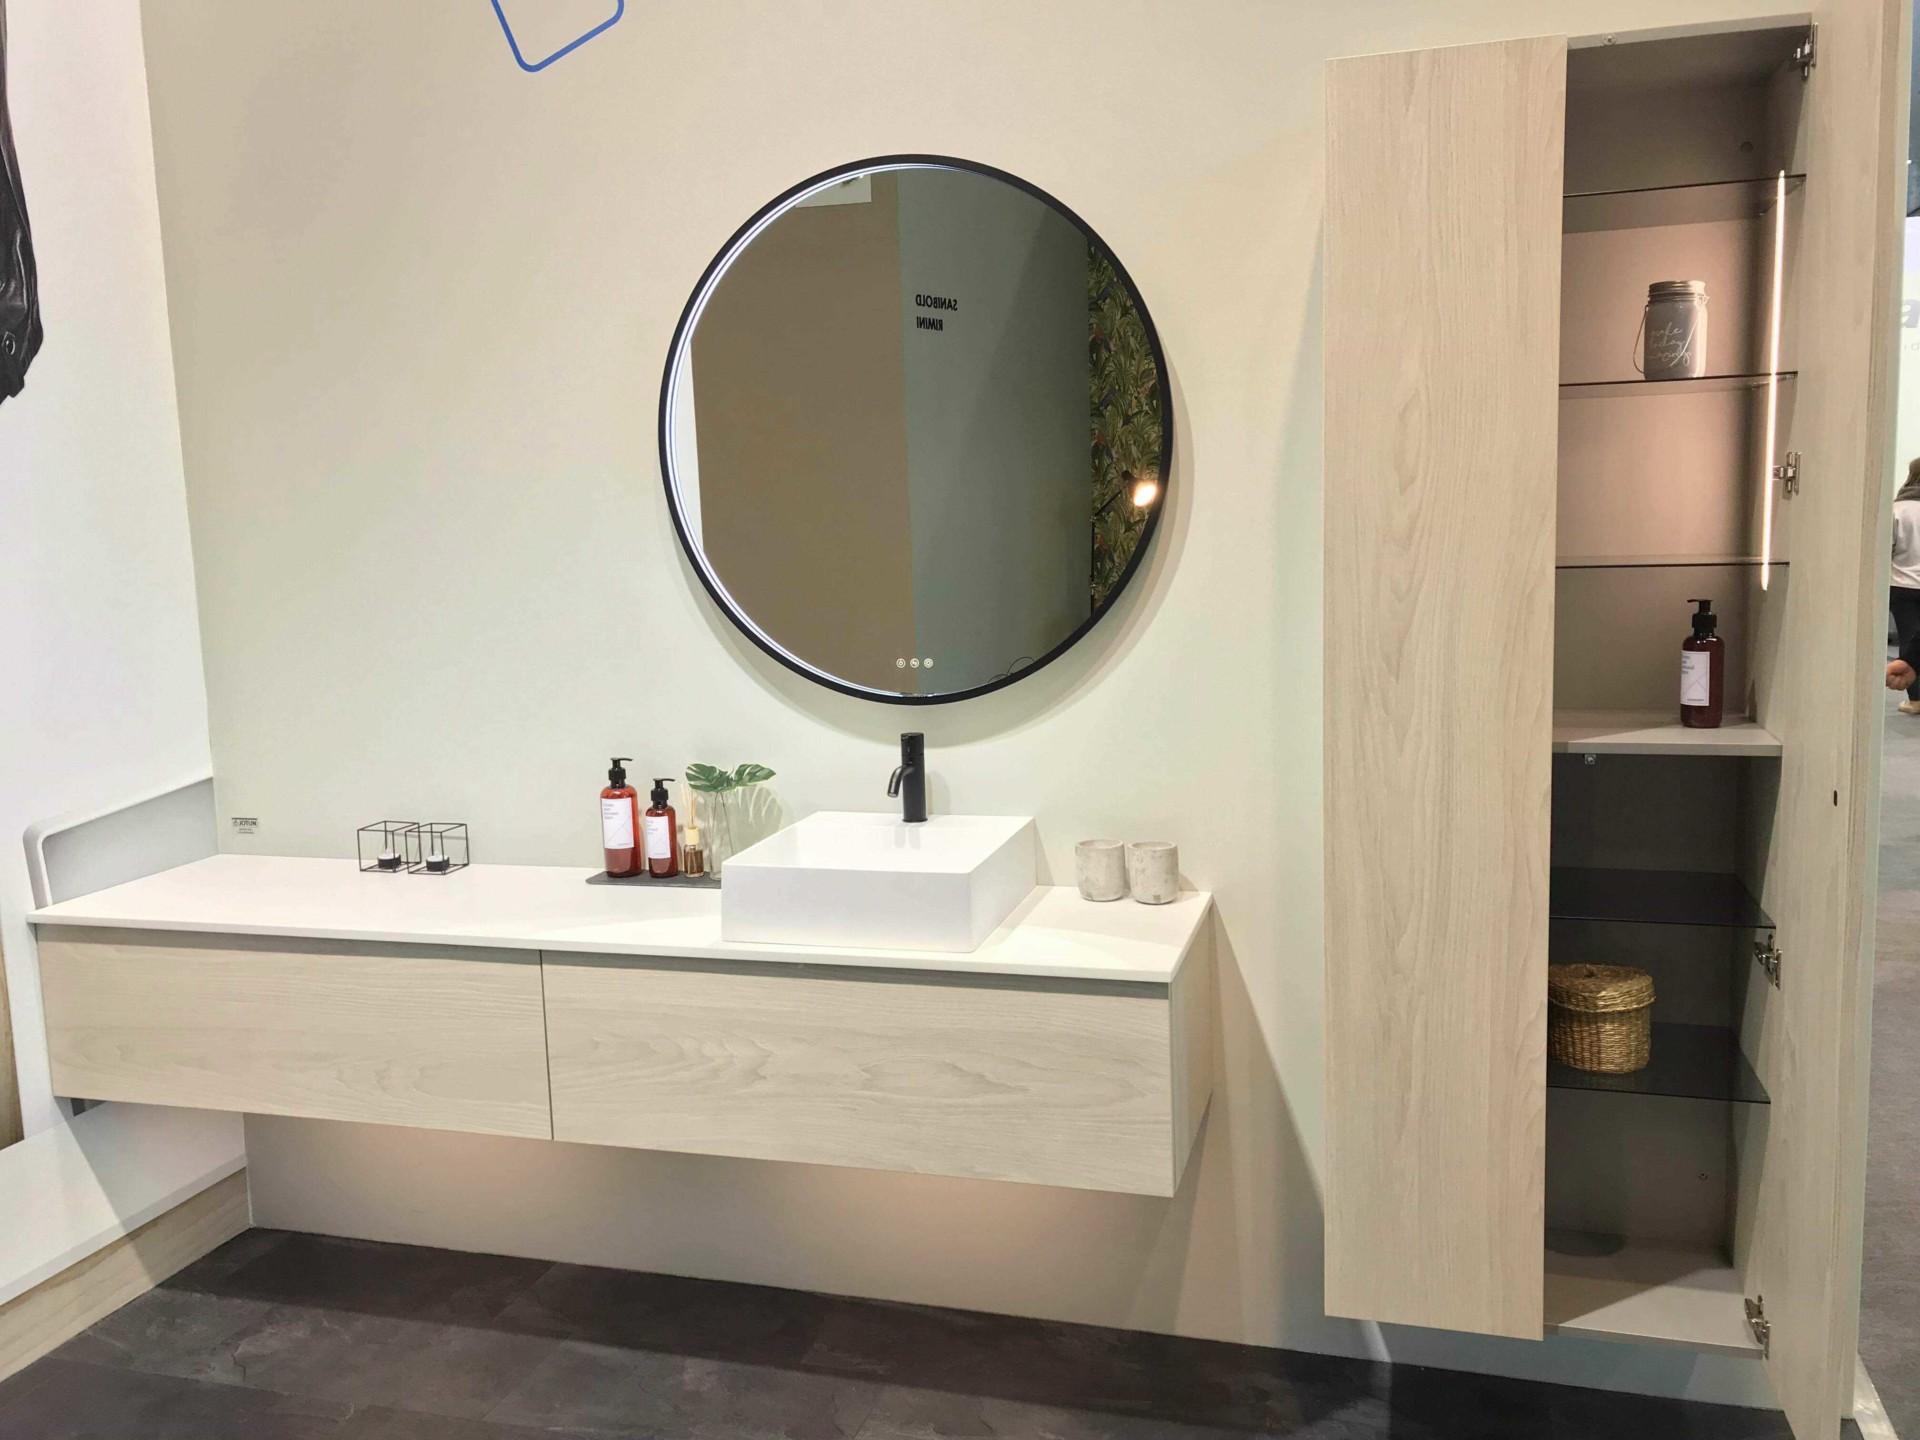 Vangvedvængets VVS armatur udstilling showroom badeværelse spejl vaskeskab håndvask